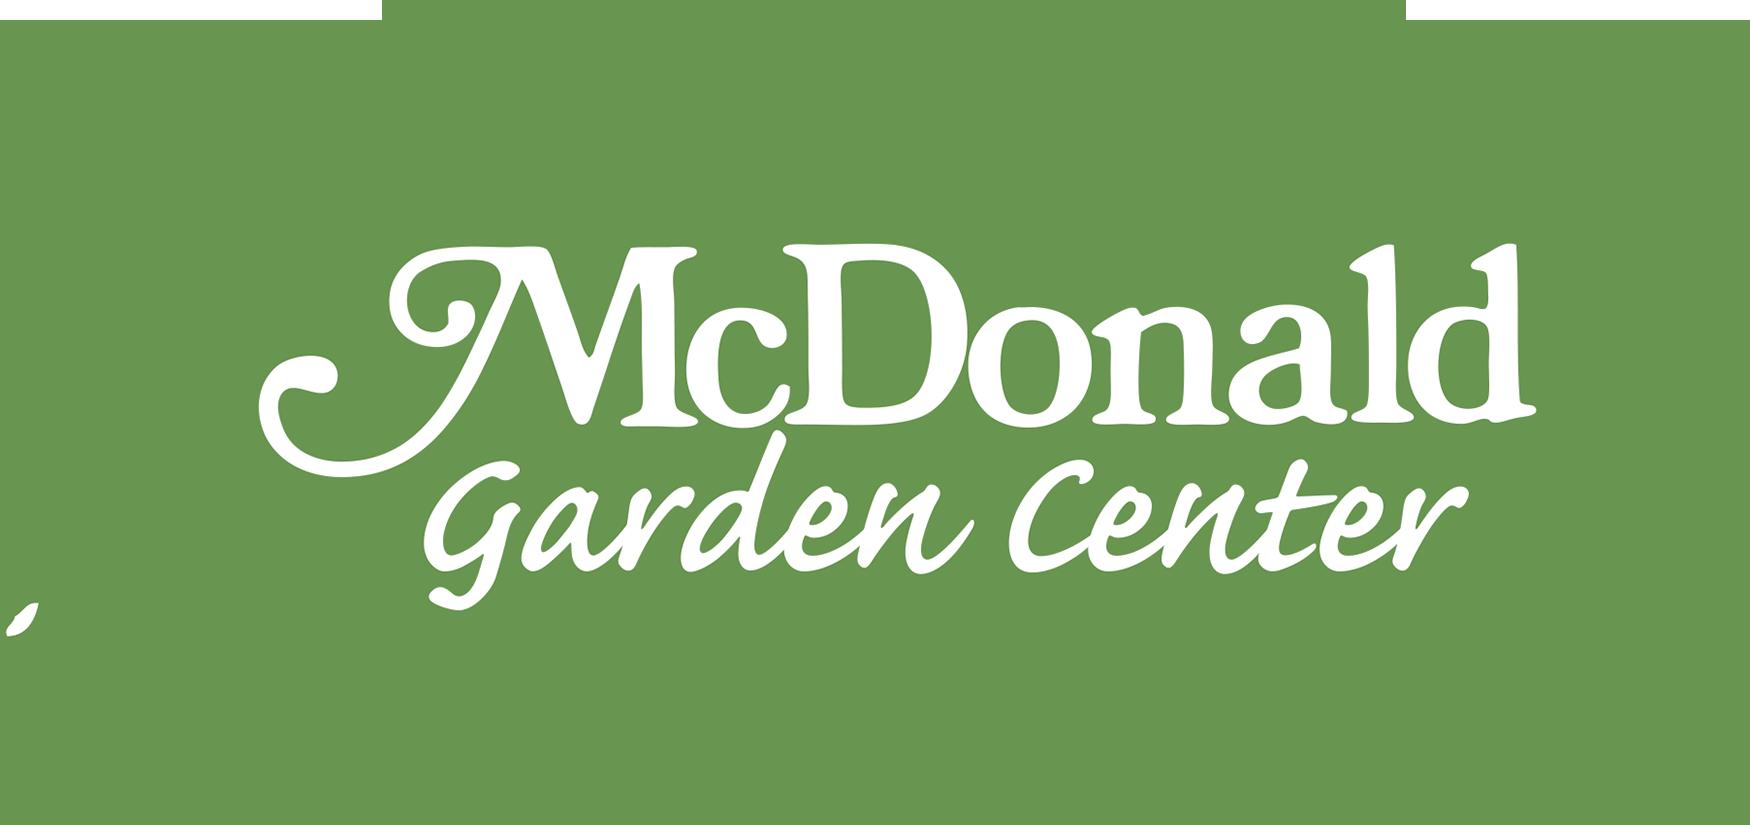 Monrovia mcdonald step . Garden clipart garden center